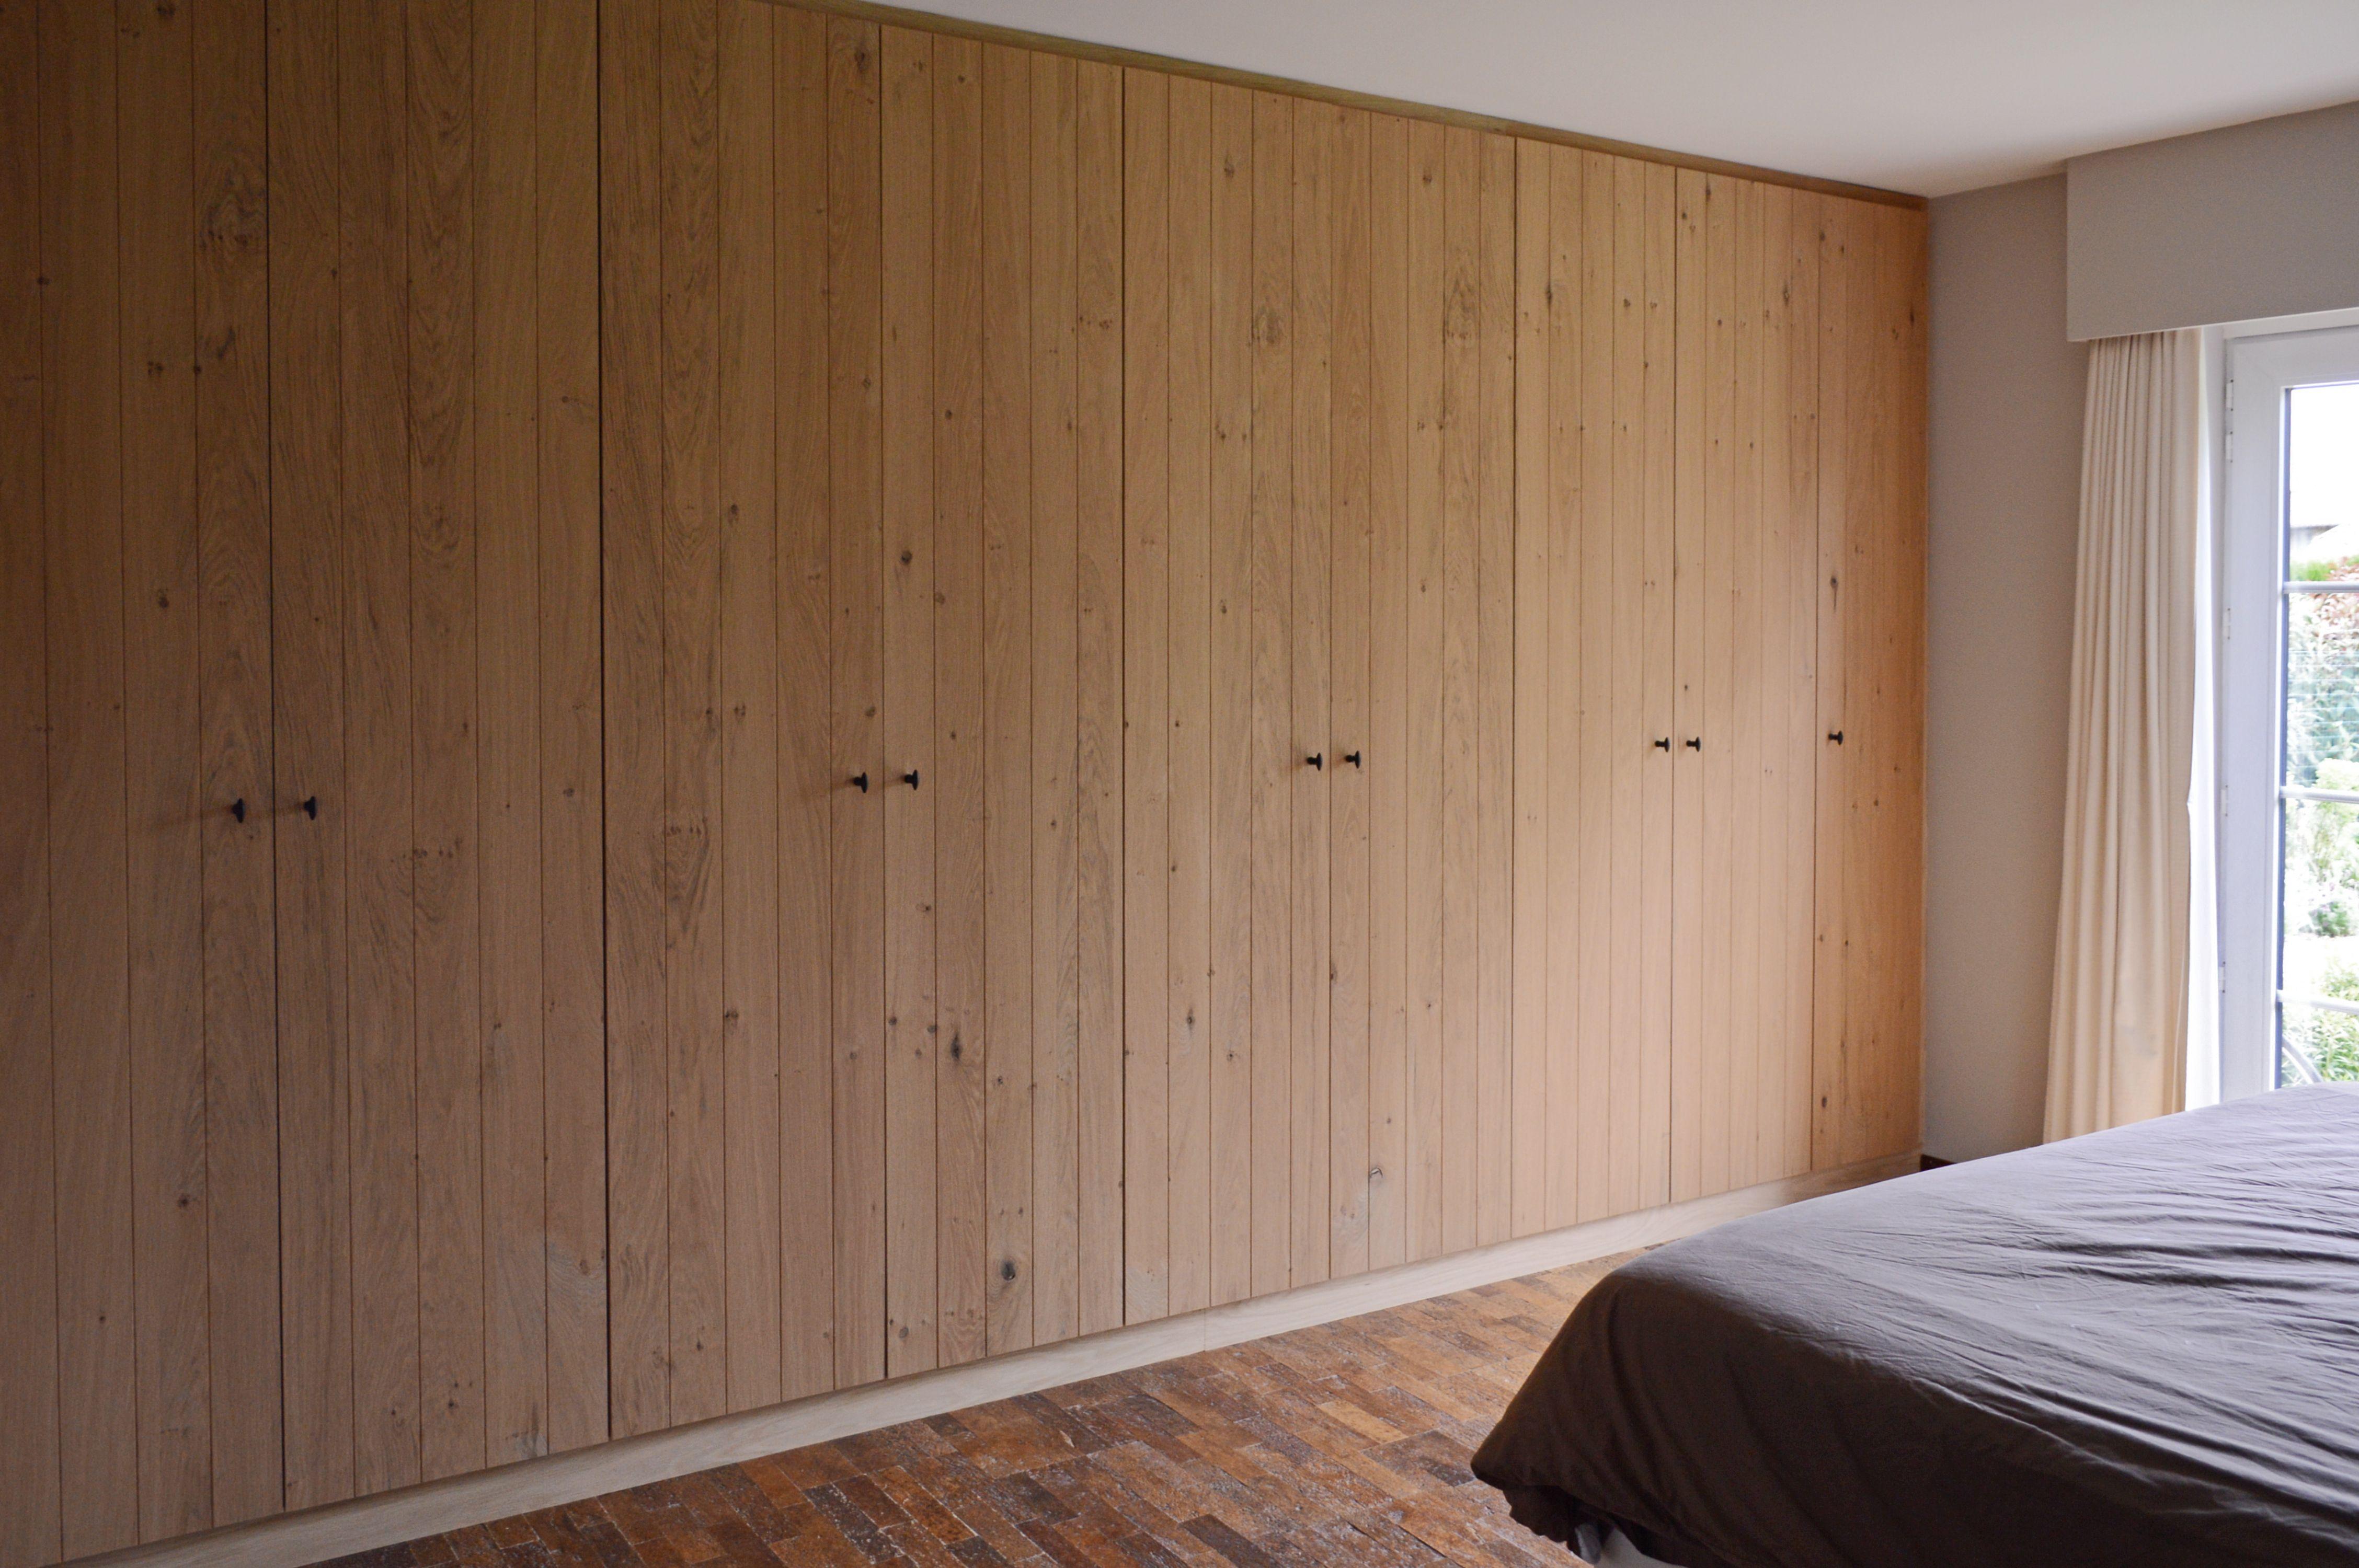 Afbeeldingsresultaat voor maatkasten kast slaapkamer